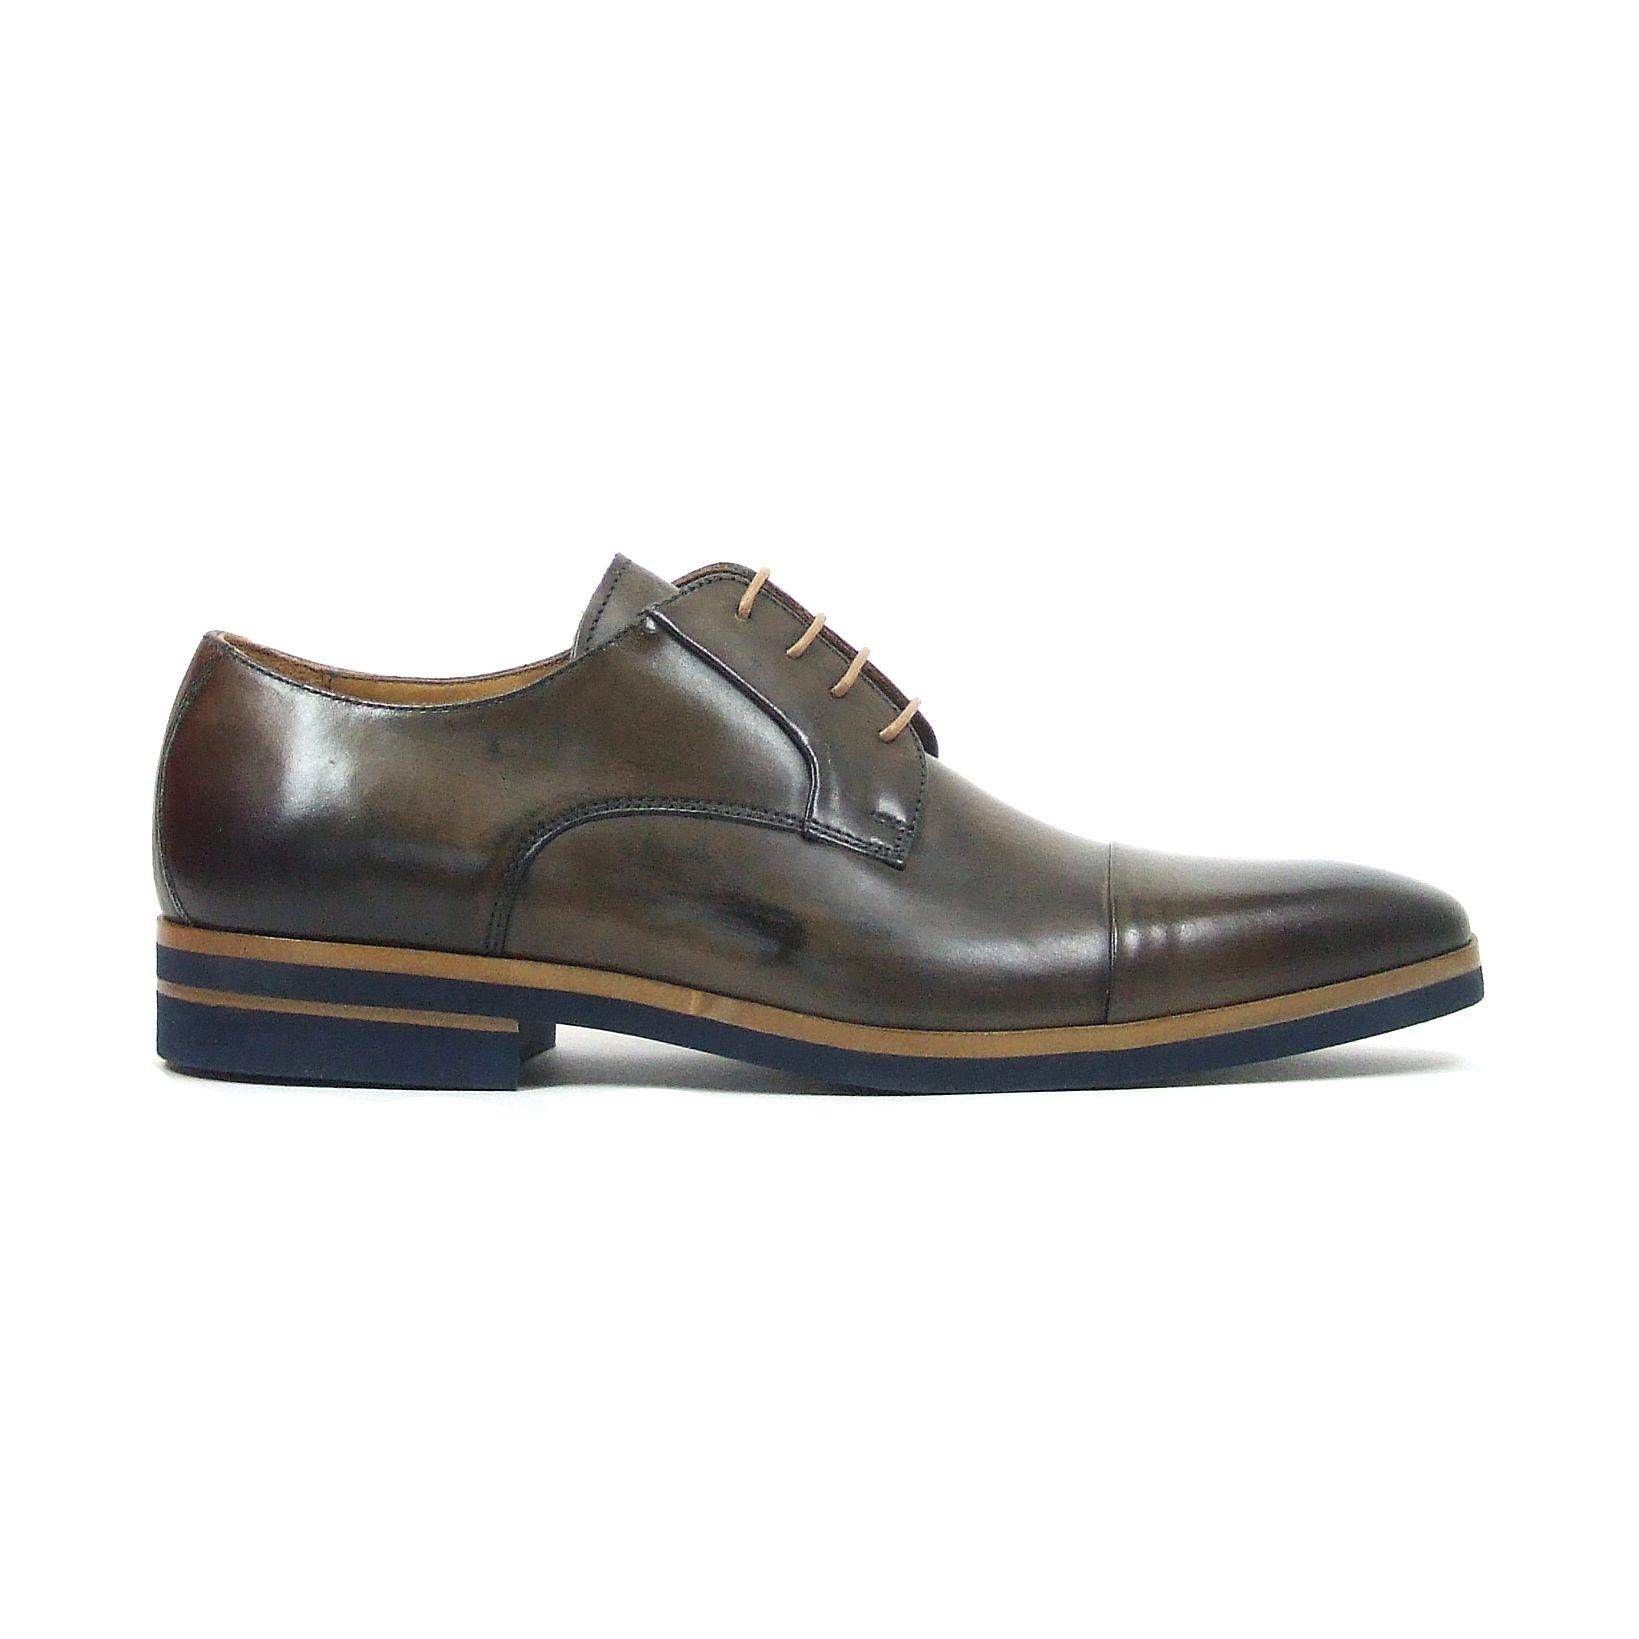 Chaussures Richelieu En Daim Bleu Giorgio Bhm61B7Ca